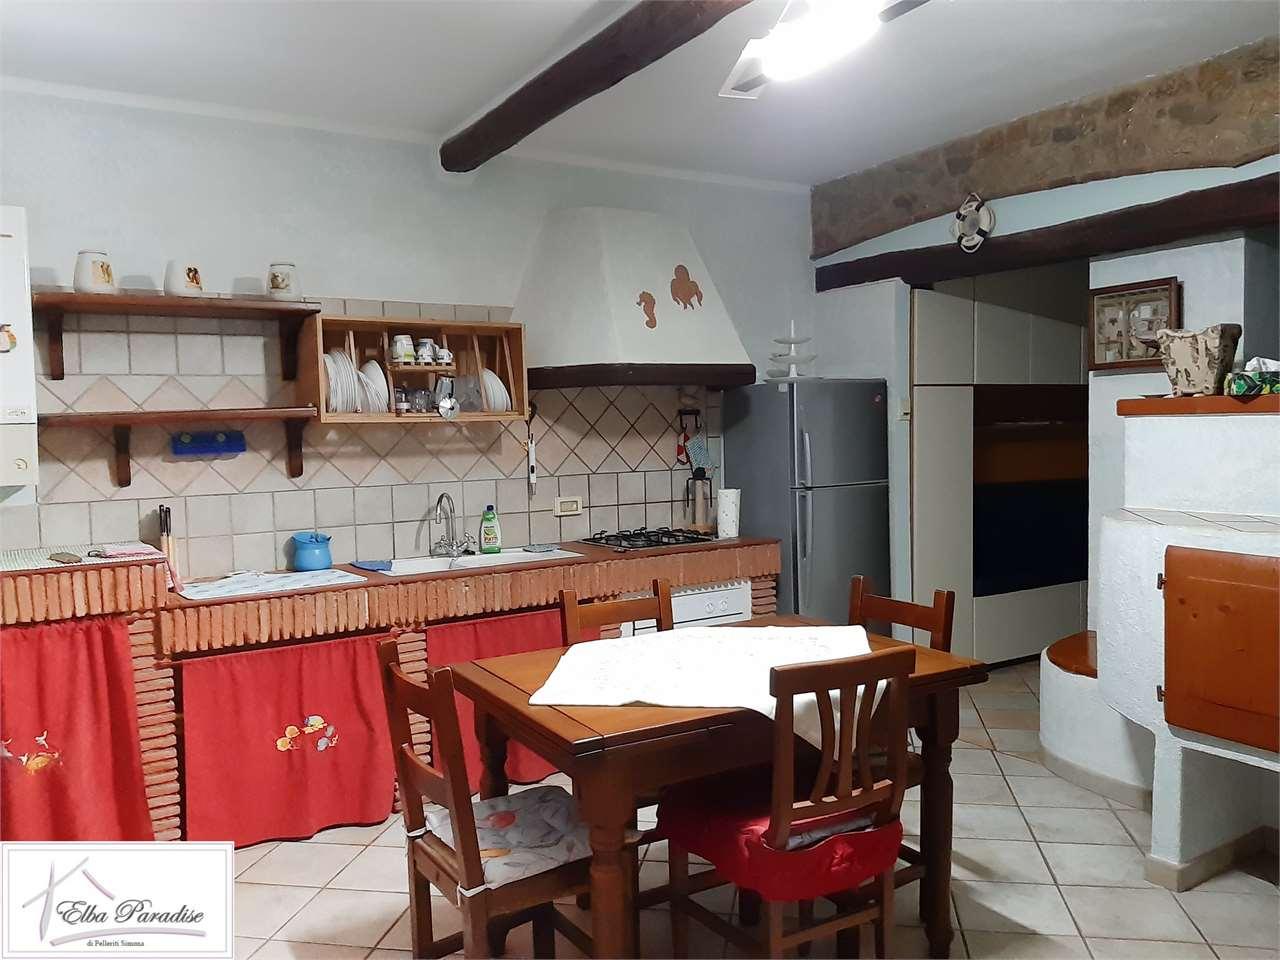 Casa In Vendita A Rio Nell Elba 119000 Euro 4 Locali 60 Mq 2 Camere 1 Bagno